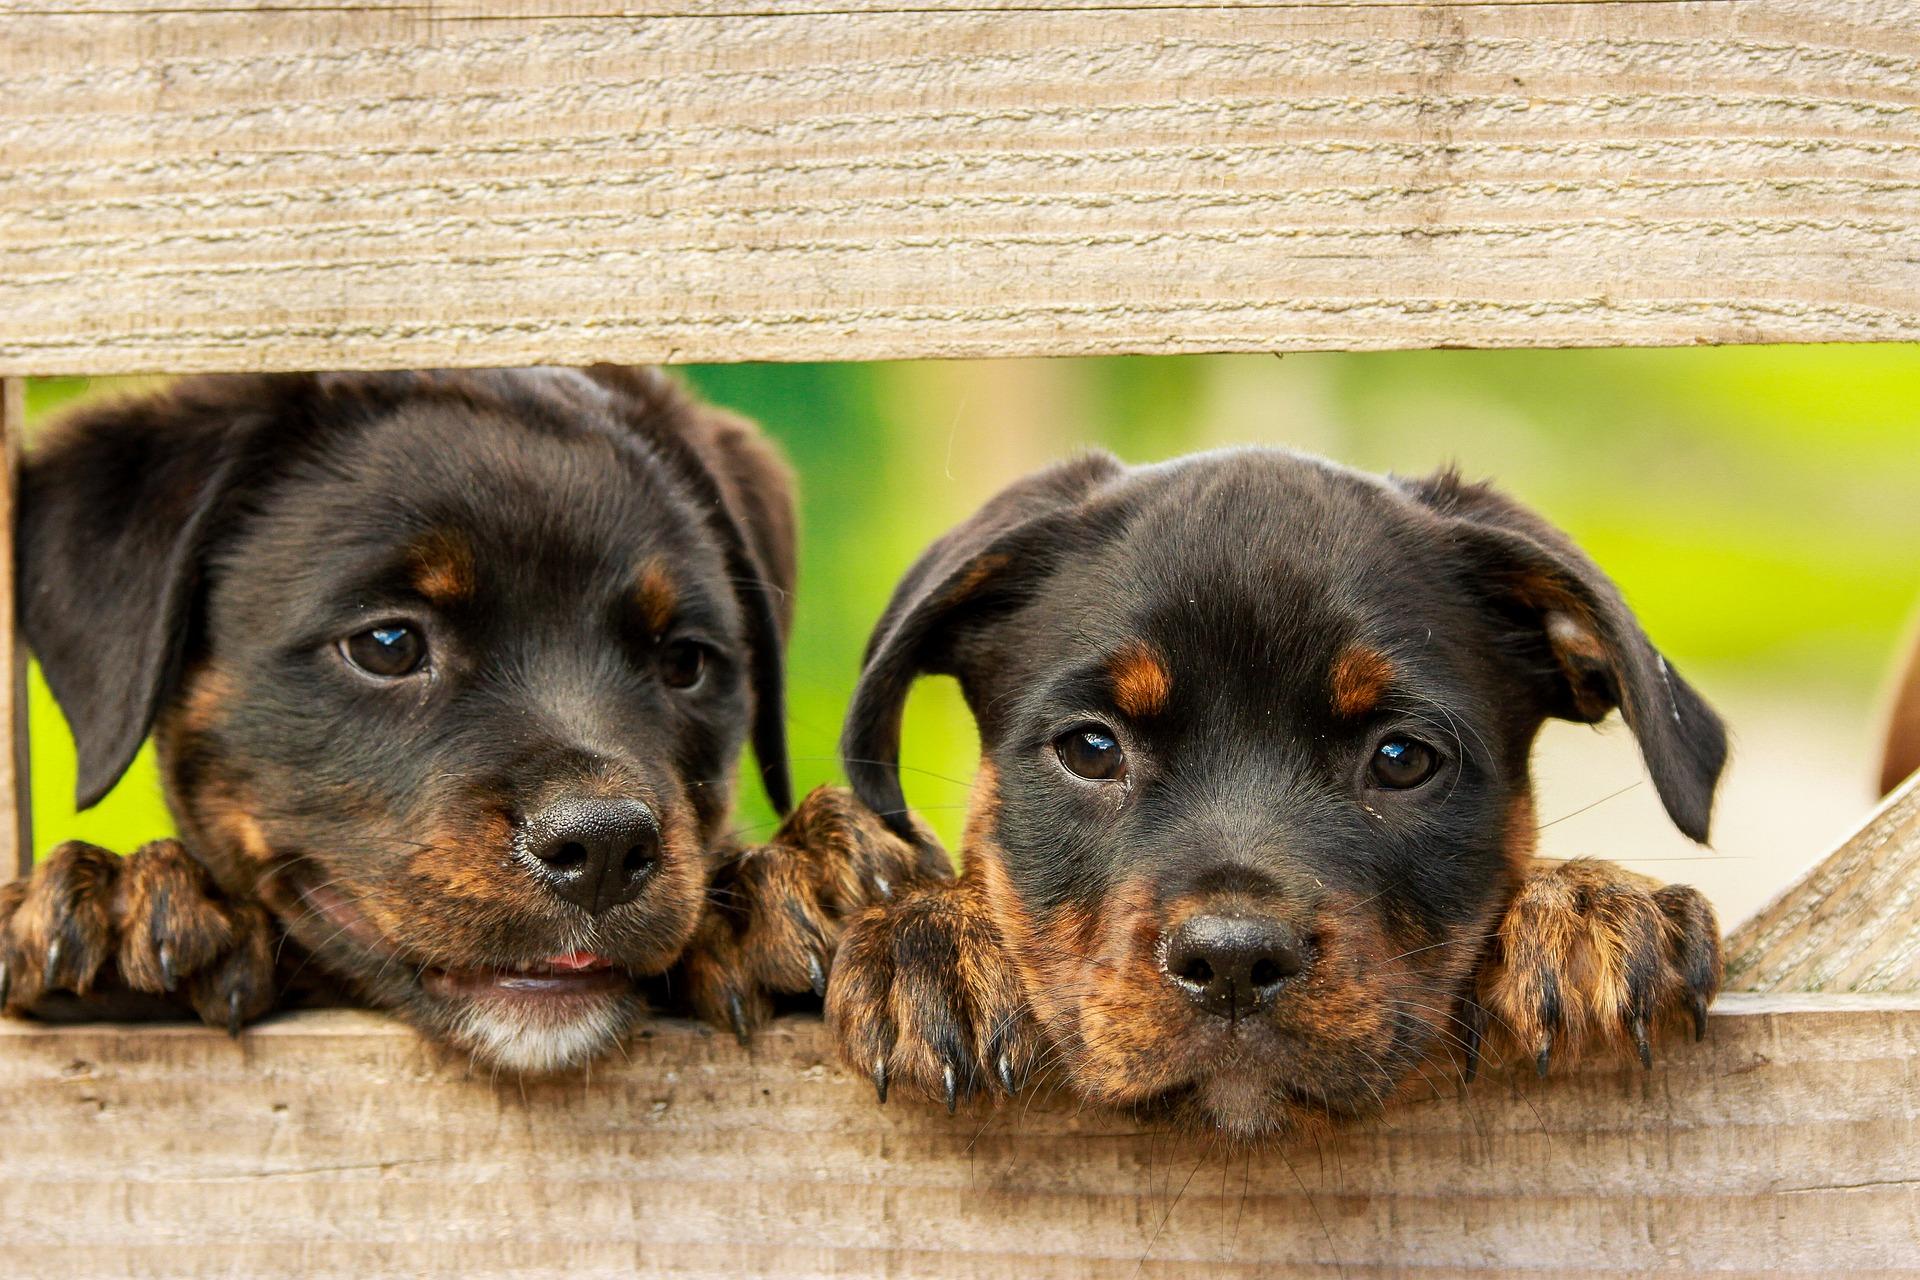 perros lindos - ¡No compres animales, mejor adopta!